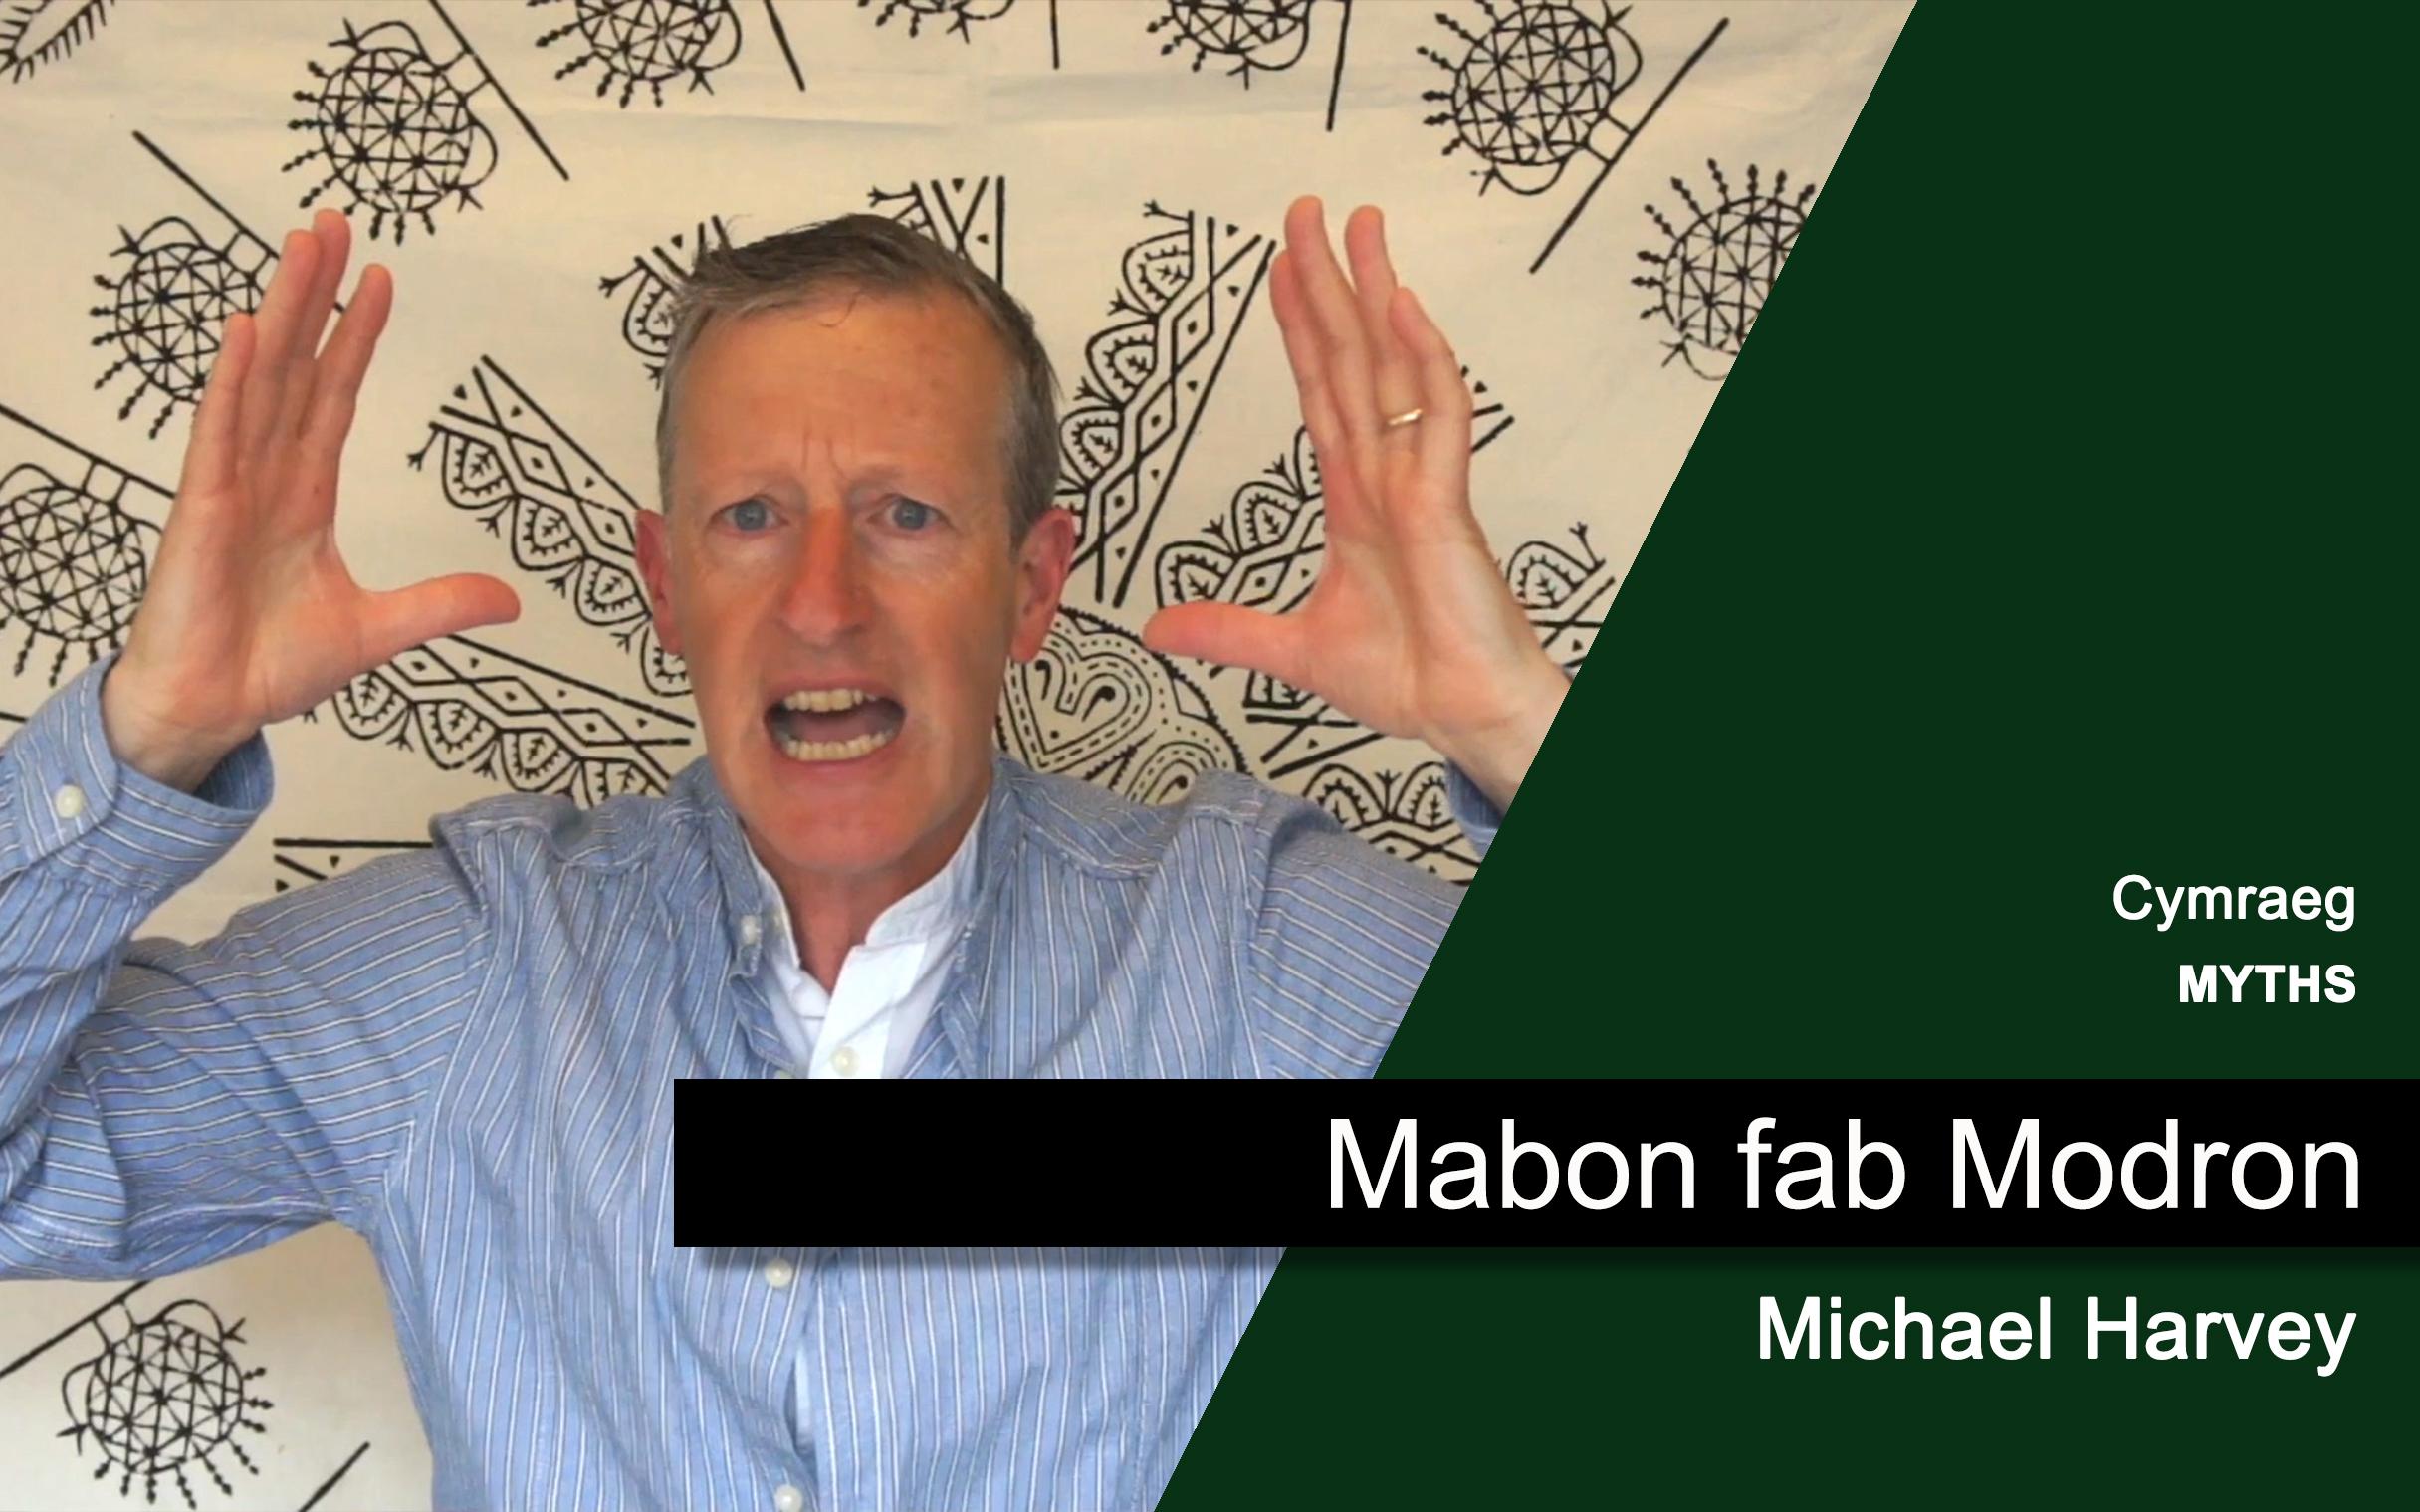 Mabon fab Modron